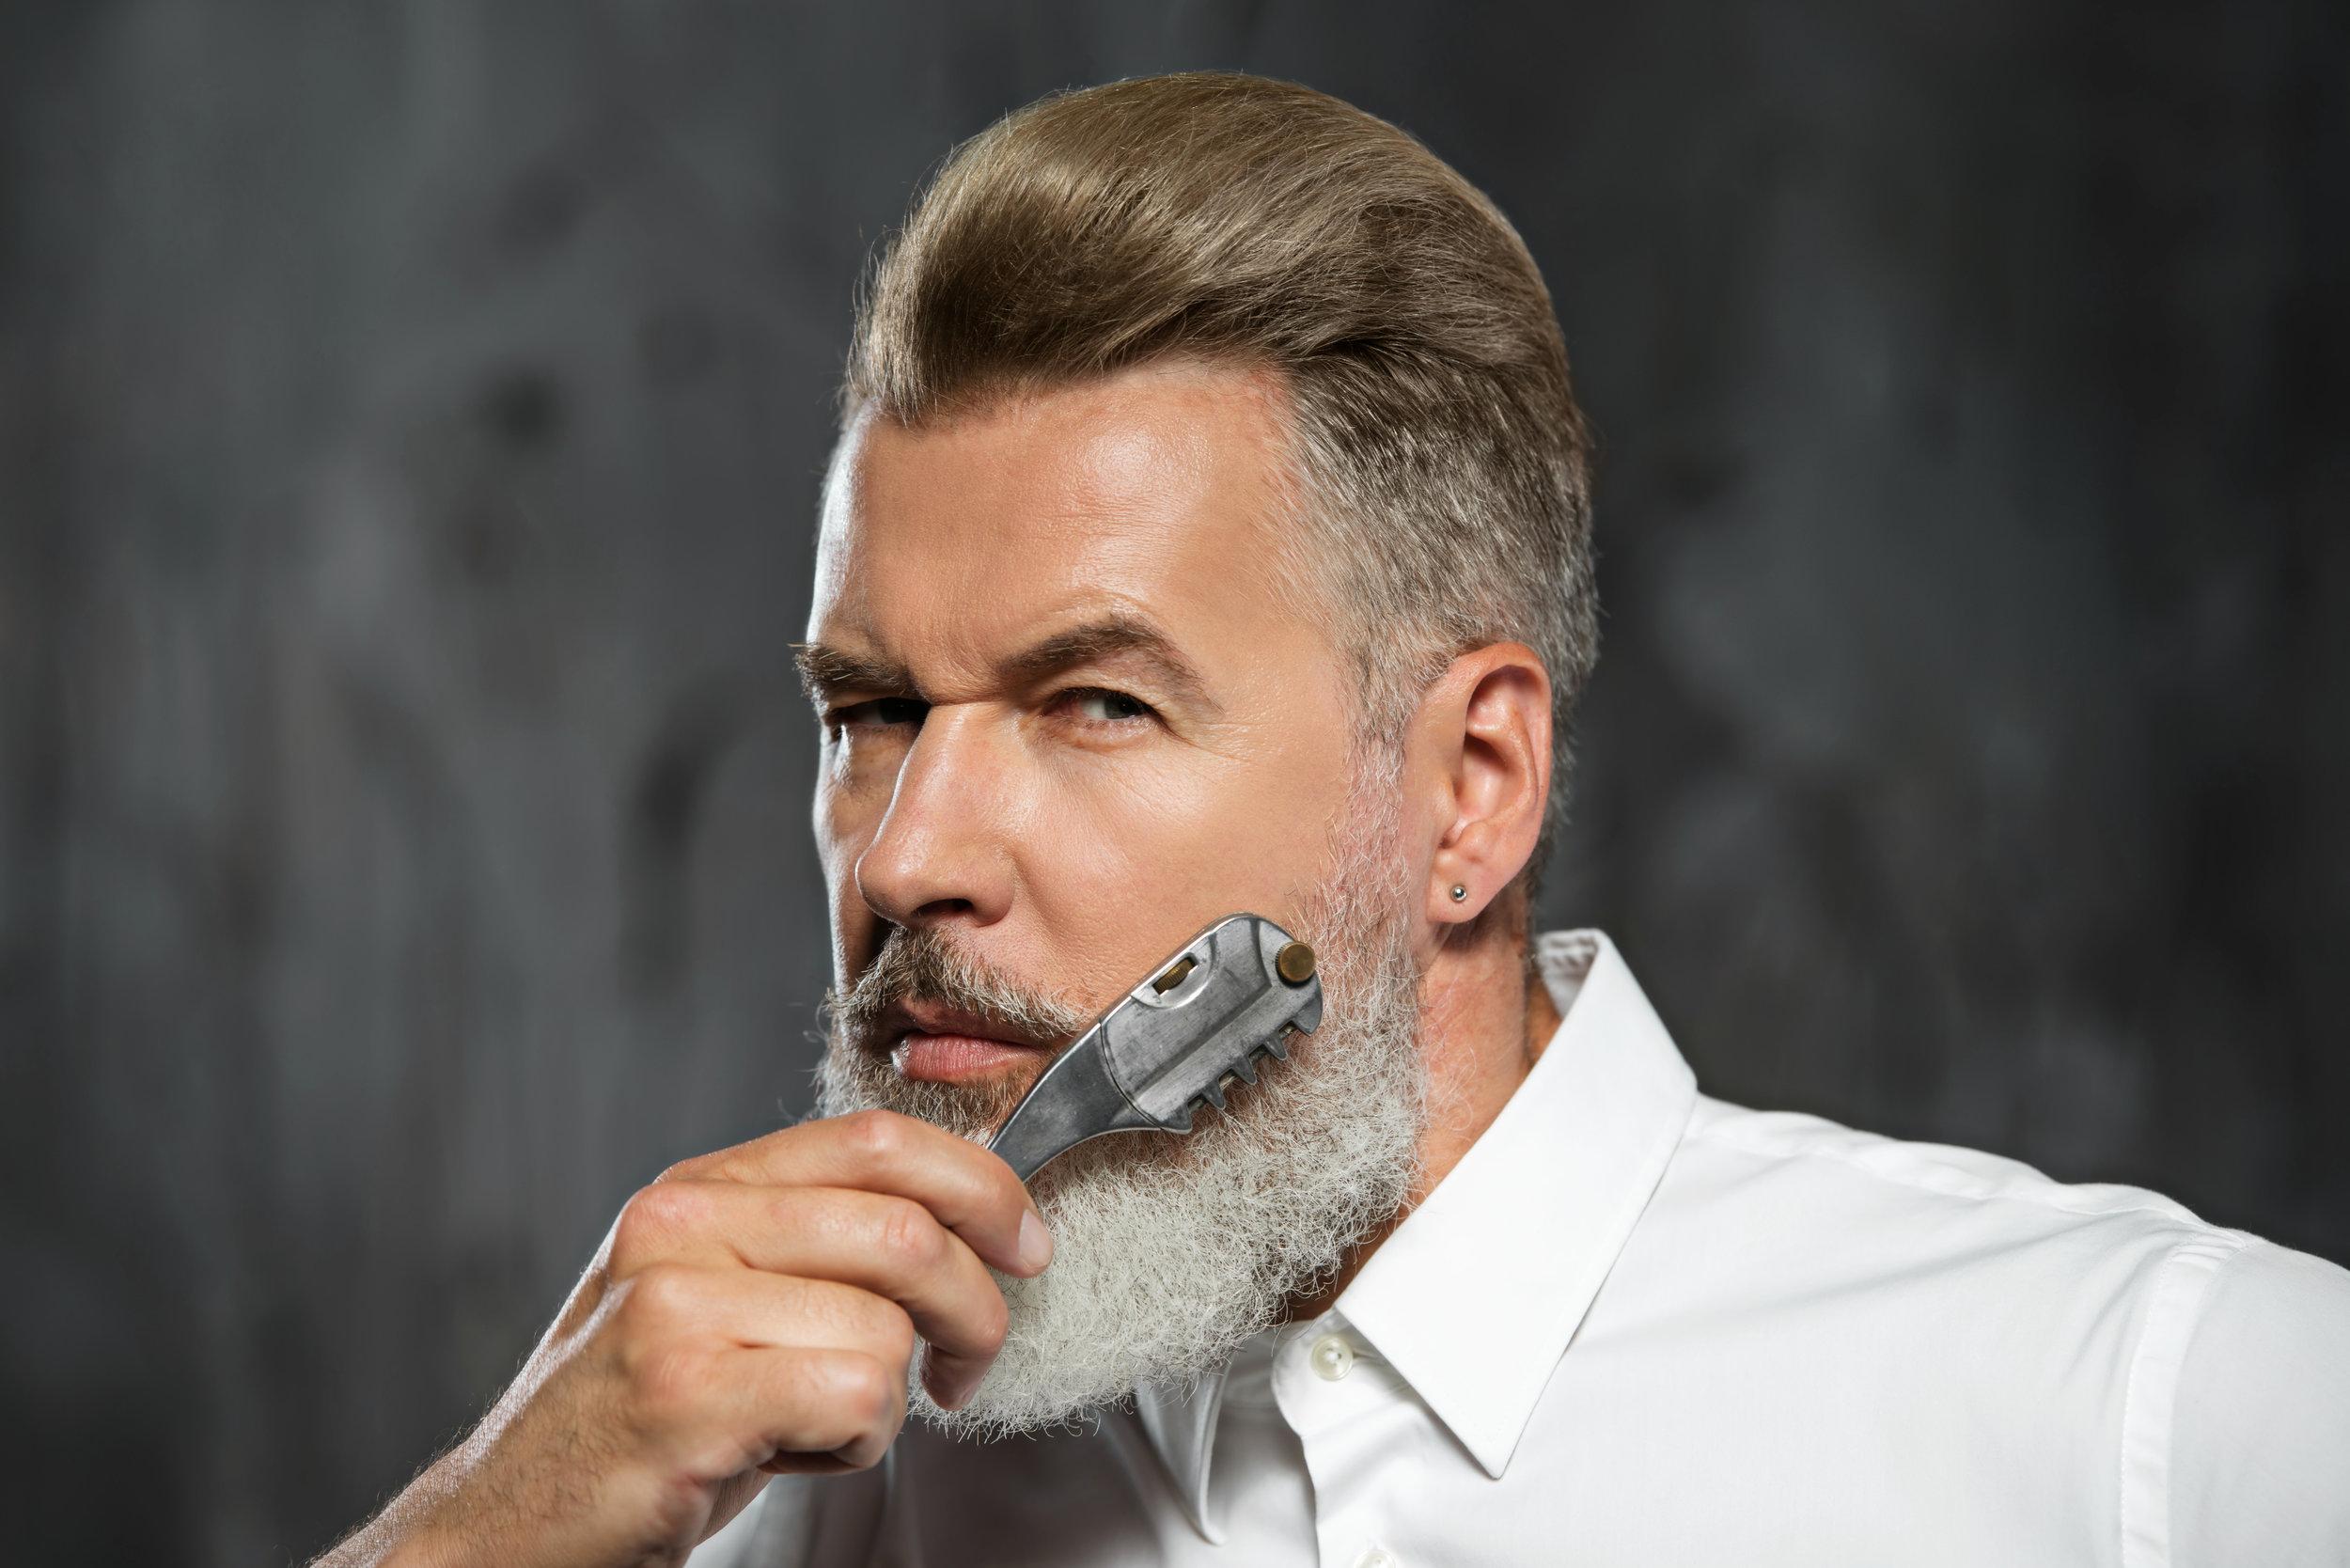 Beard Stock Images (118).jpg